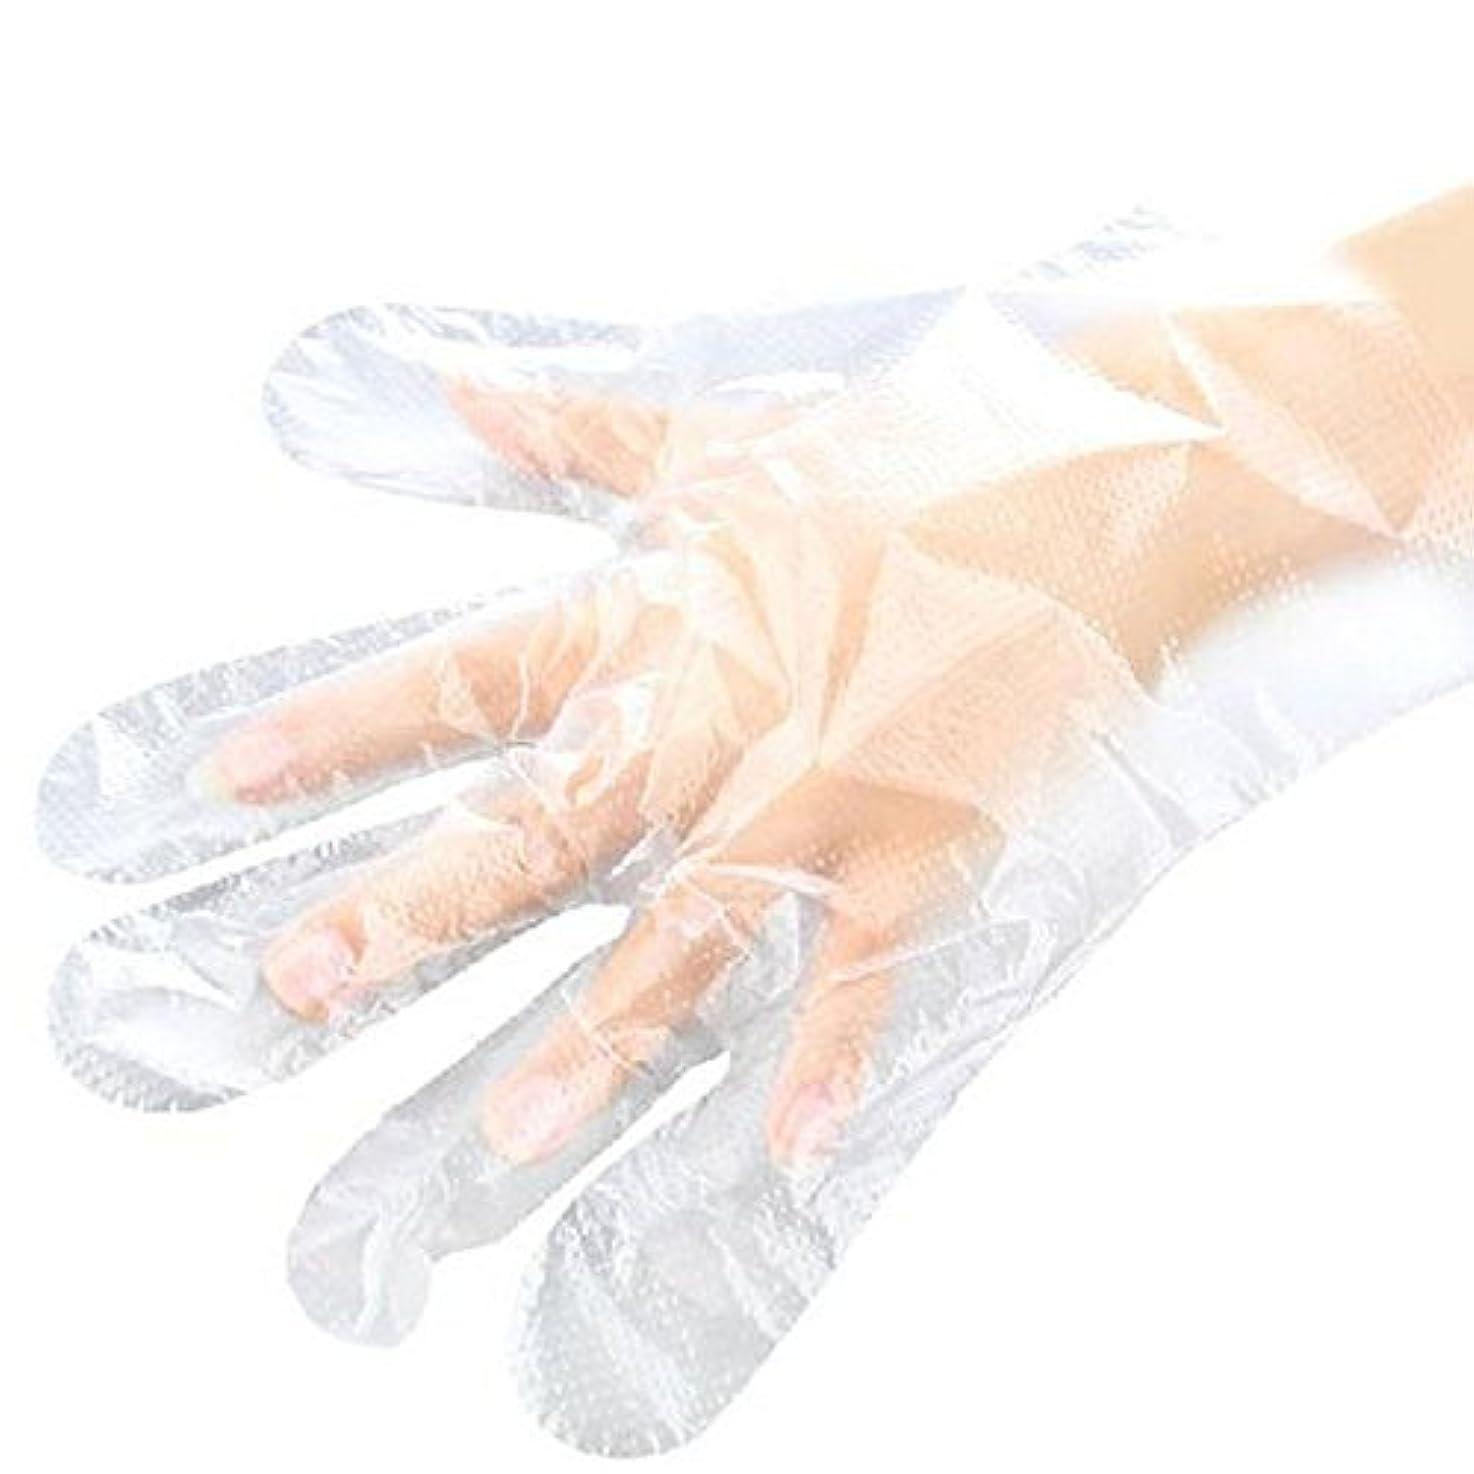 リンケージ書店障害山の奥 使い捨て手袋 ポリエチレン使い切り手袋 極薄 調理 透明 実用 衛生 100枚入